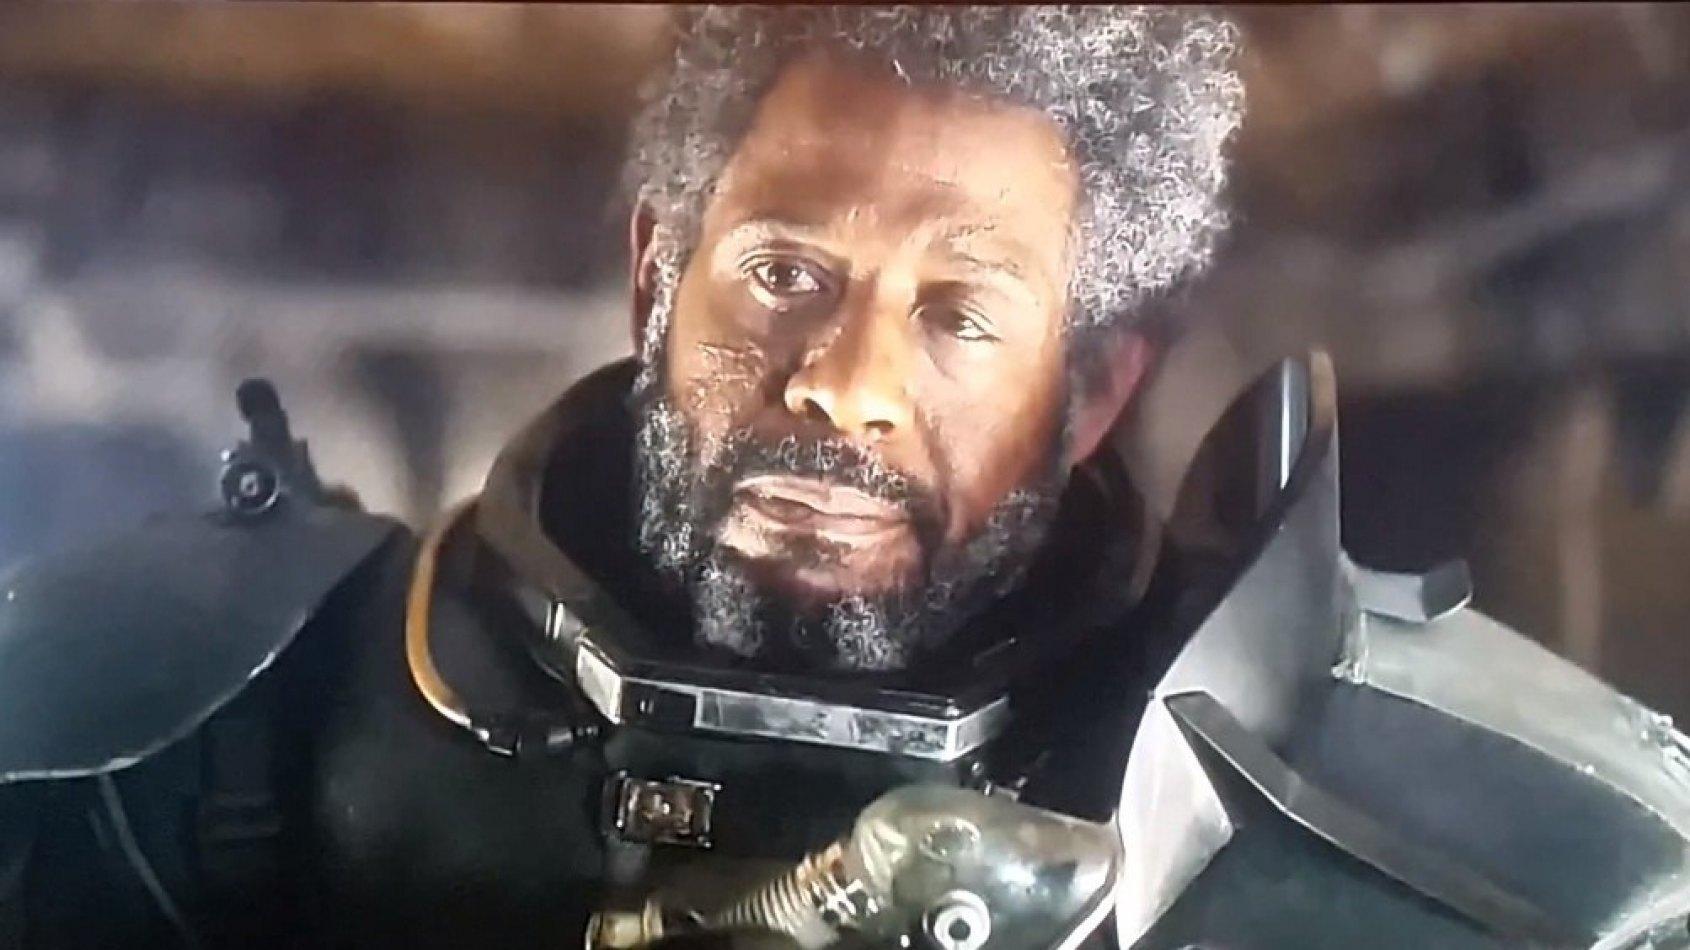 Un premier aperçu du nouveau trailer de Rogue One !